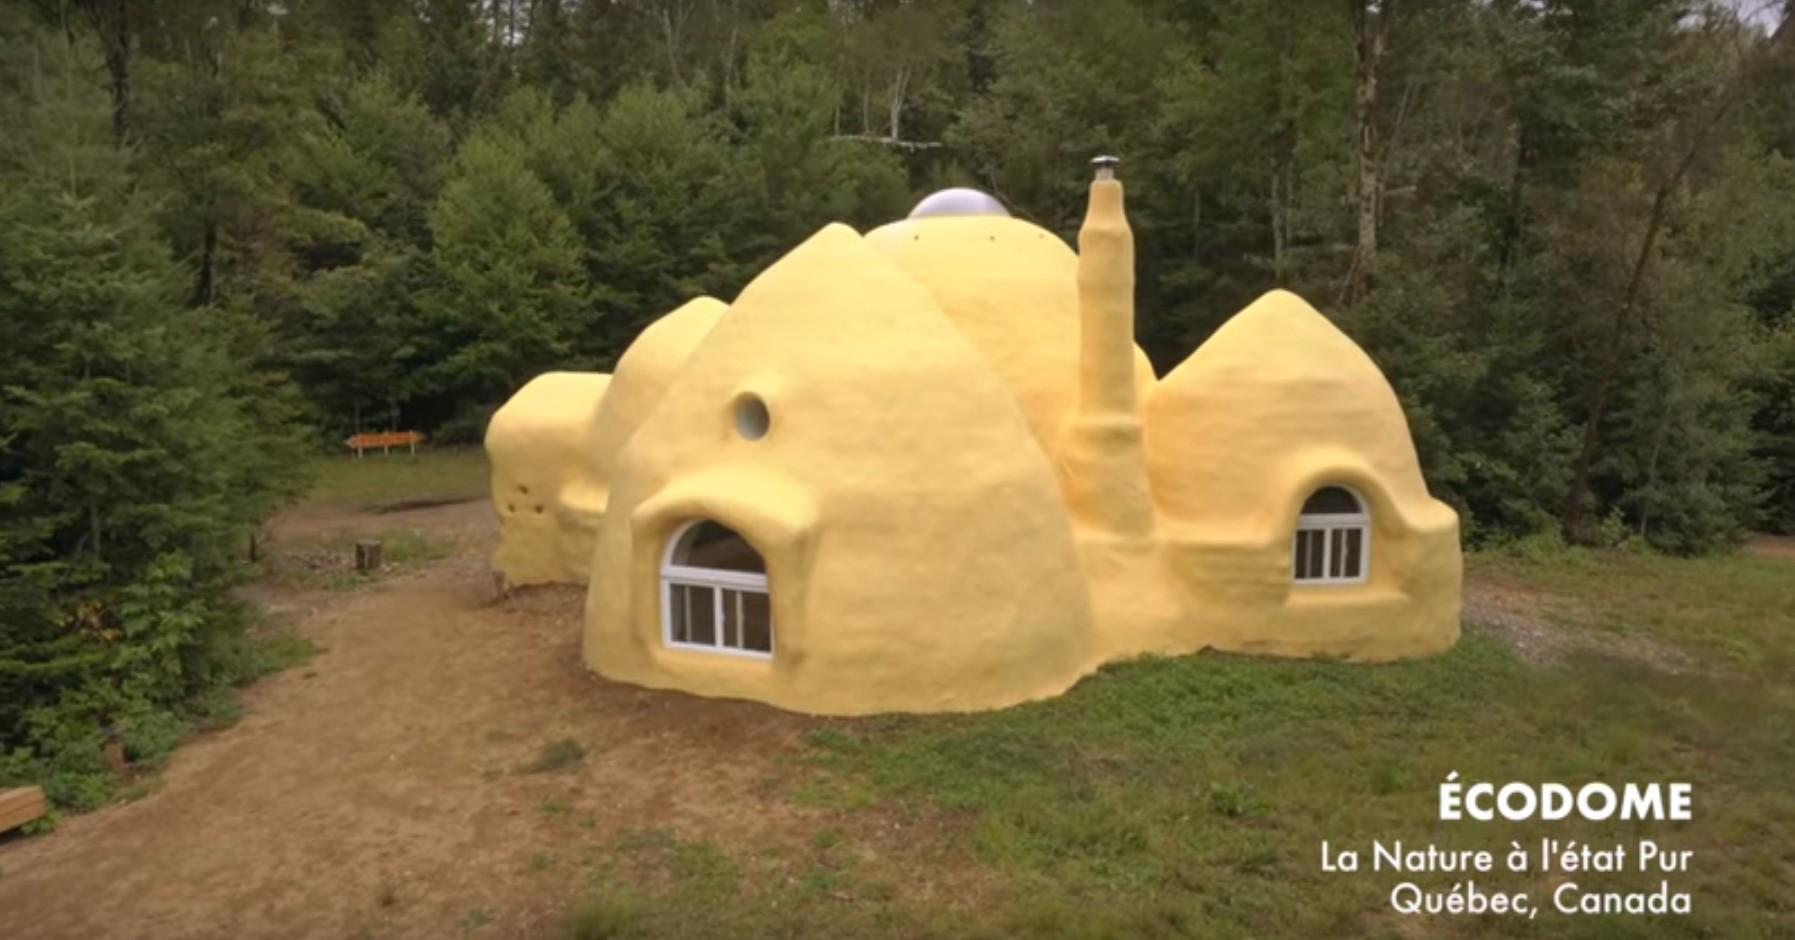 vid o cette maison en earthbag a t adapt e au climat canadien build green. Black Bedroom Furniture Sets. Home Design Ideas